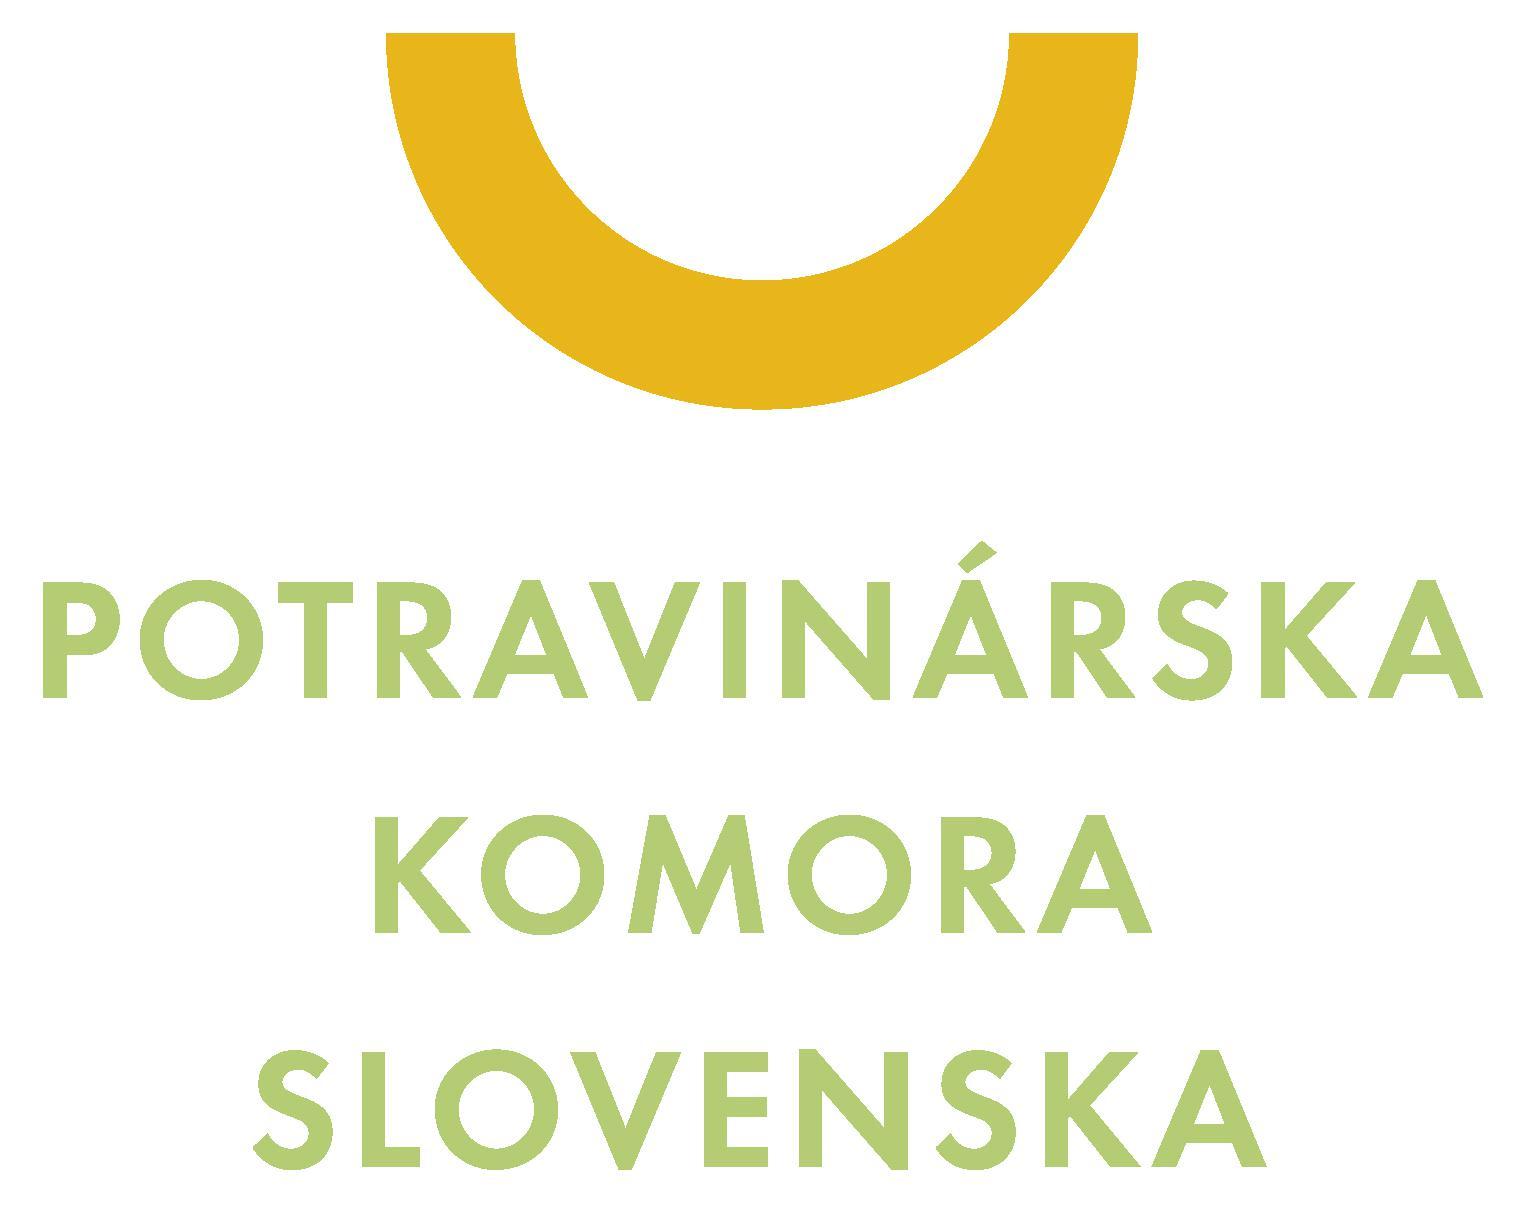 Potravinárska komora Slovenska